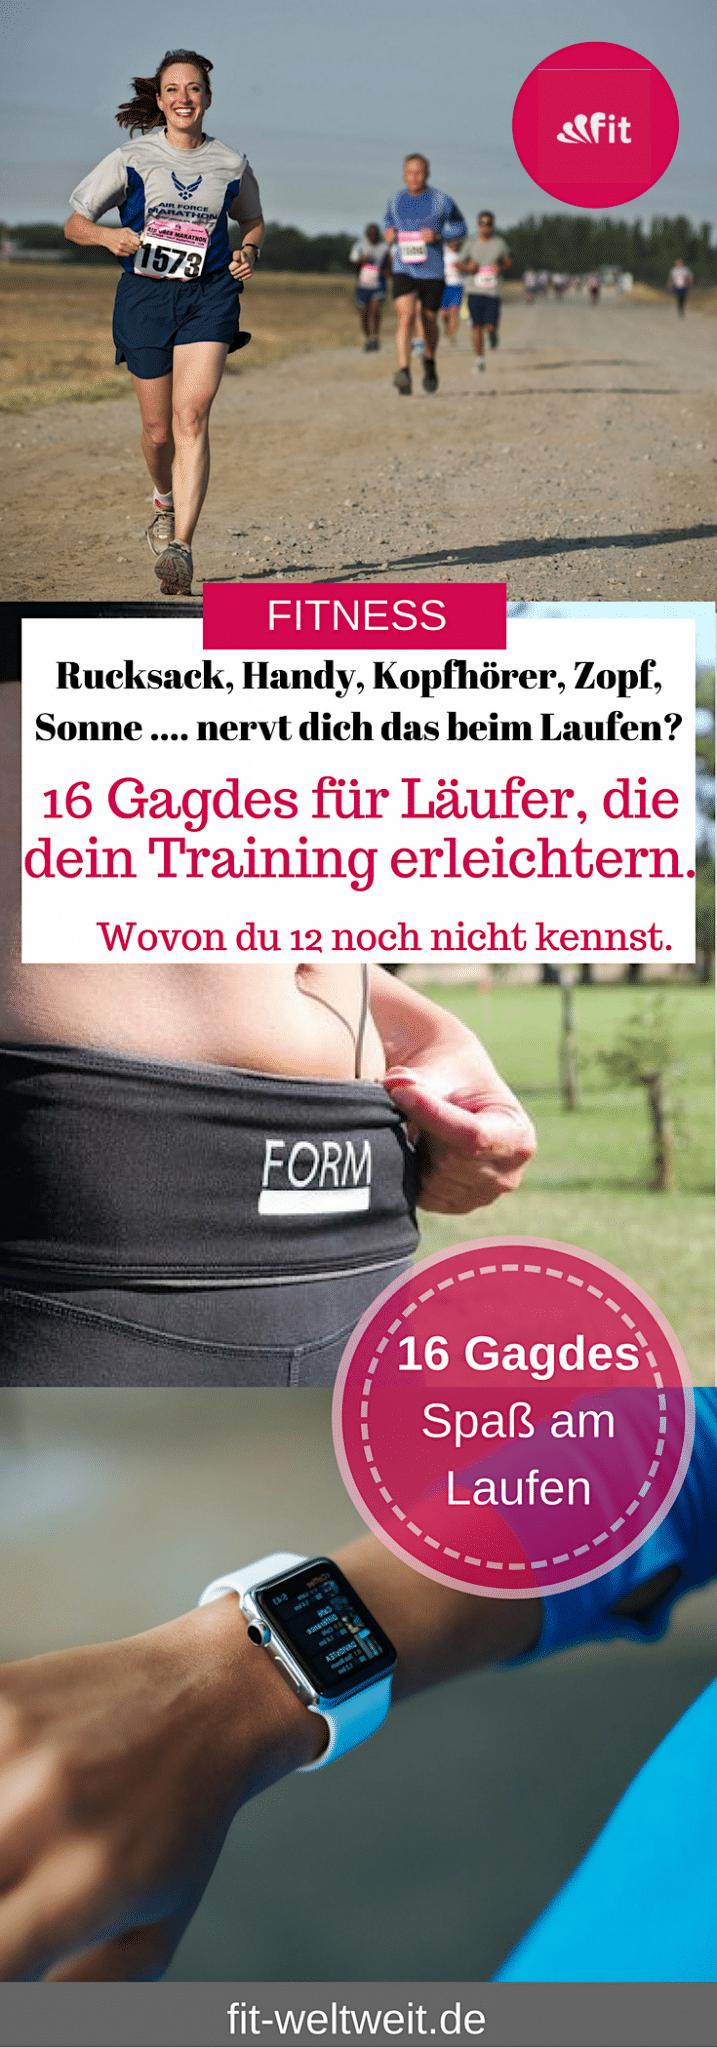 16 Läufer Gadges, die deinen Lauf und das #Joggen erleichtern, perfektionieren und dich motivieren. Diese Lauf-Tools haltenein Leben lang, erleichtern deinen Run. #Lauf Outfits für #Frauen (#Joggen Damen Winter Outfits) Jogging Equipment zum Laufen, damit du deine Sachen, dein Handy verstauen kannst, deine Zeit messen (Fitness Tracker) und ... Läufer Gadges, Jogging Tools und Hilfsmittel laufen #Tipps